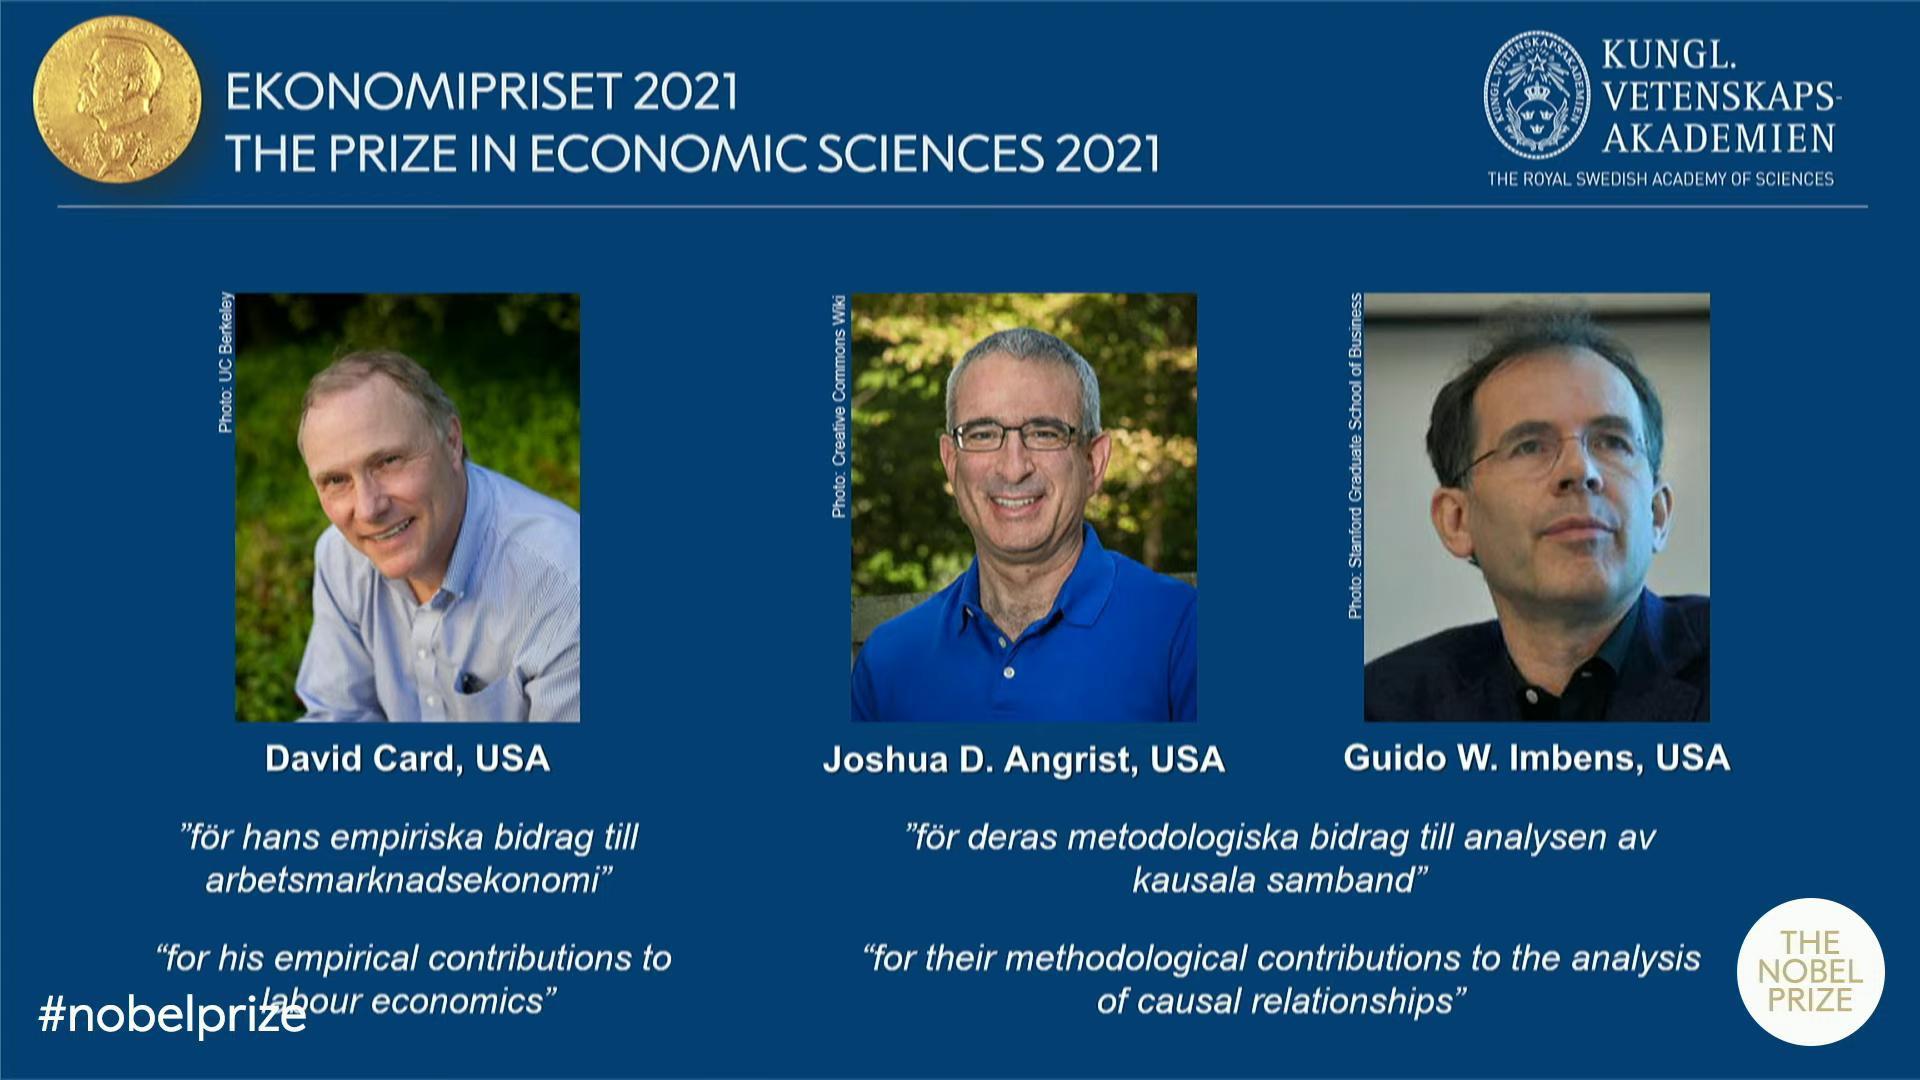 ViMoney - 3 nhà kinh tế học người Mỹ và Canada đạt giải Nobel kinh tế năm 2021